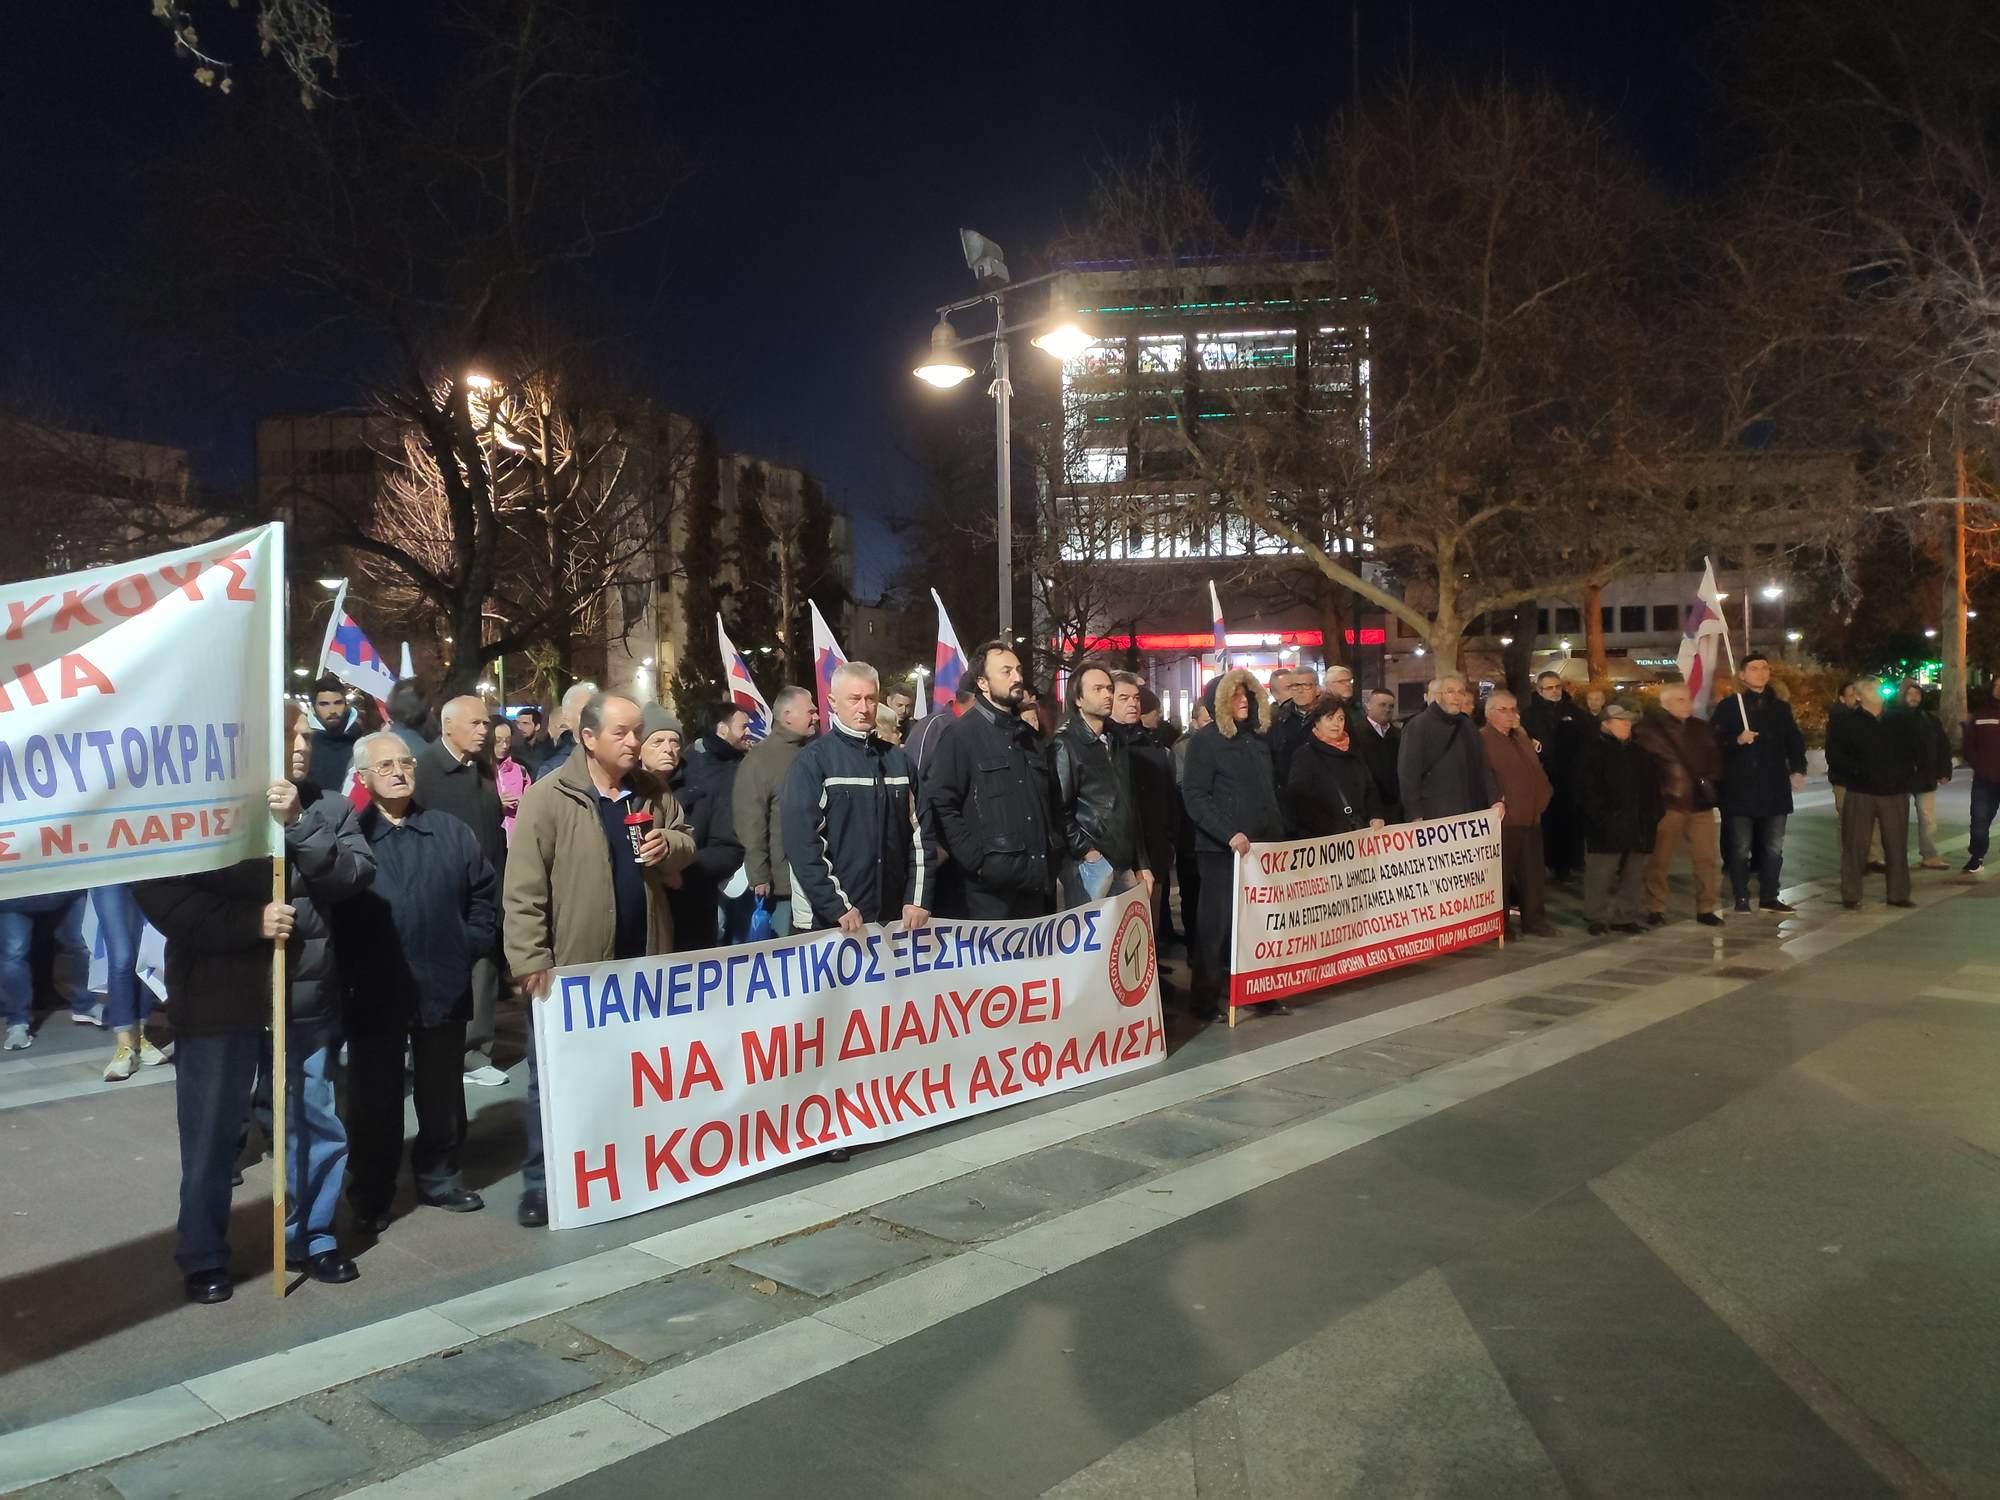 Διαμαρτυρία για το νέο ασφαλιστικό πραγματοποίησε το ΕΚΛ στη Λάρισα (φωτο)